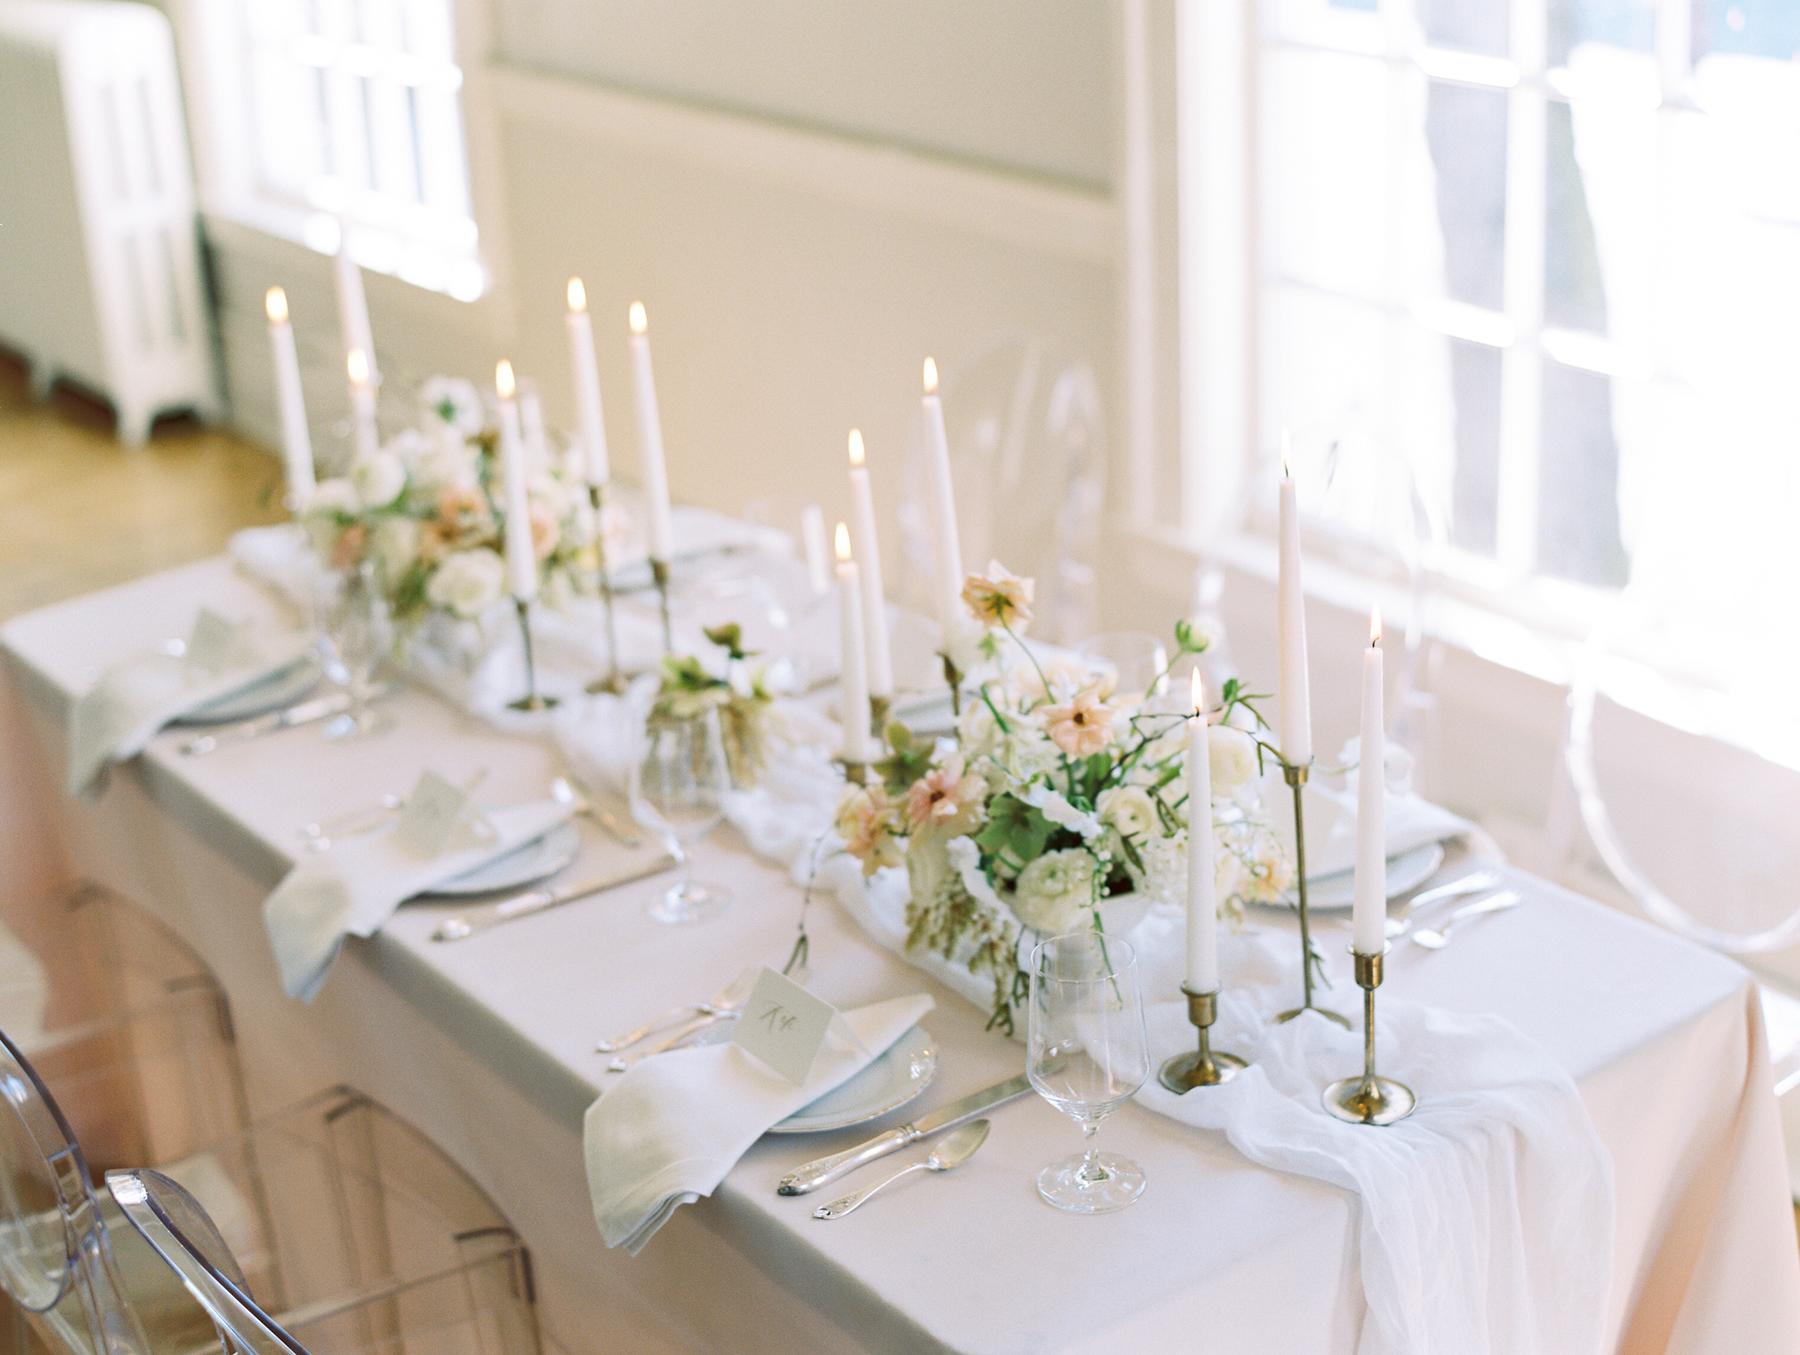 Elegant Neutral Wedding Centerpiece